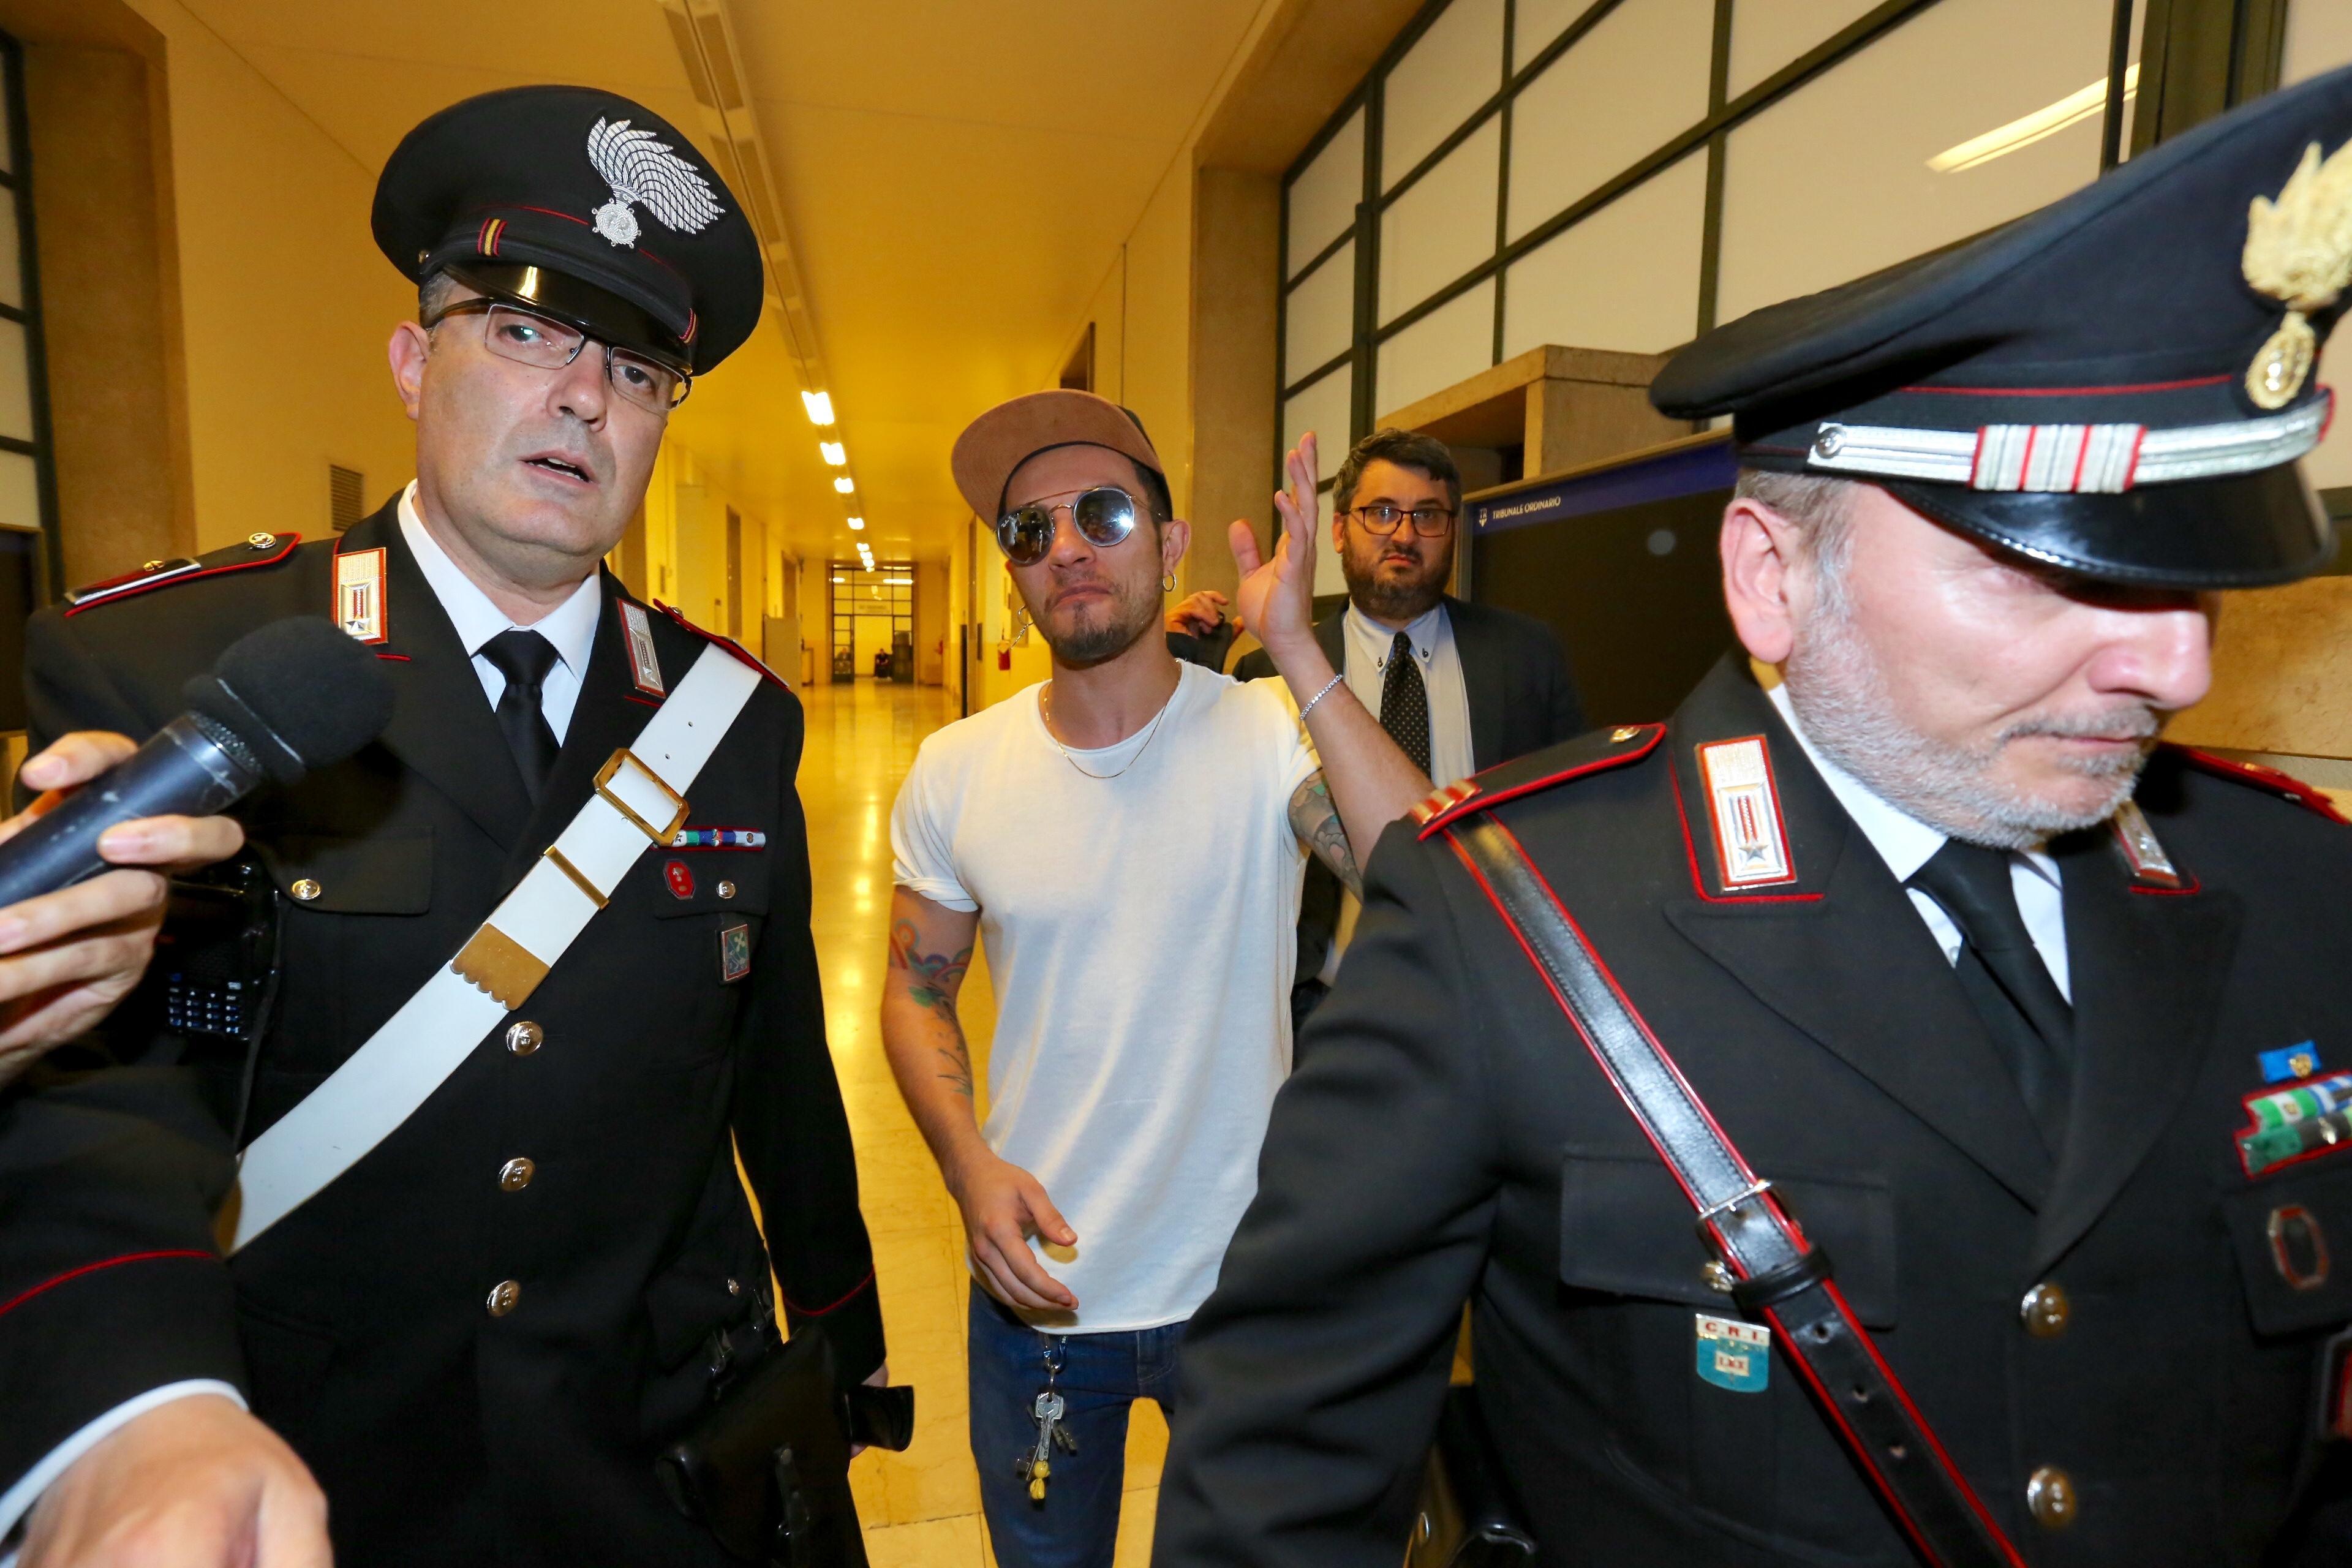 Marco Carta, non convalidato l'arresto per furto:  Felice, non sono stato io